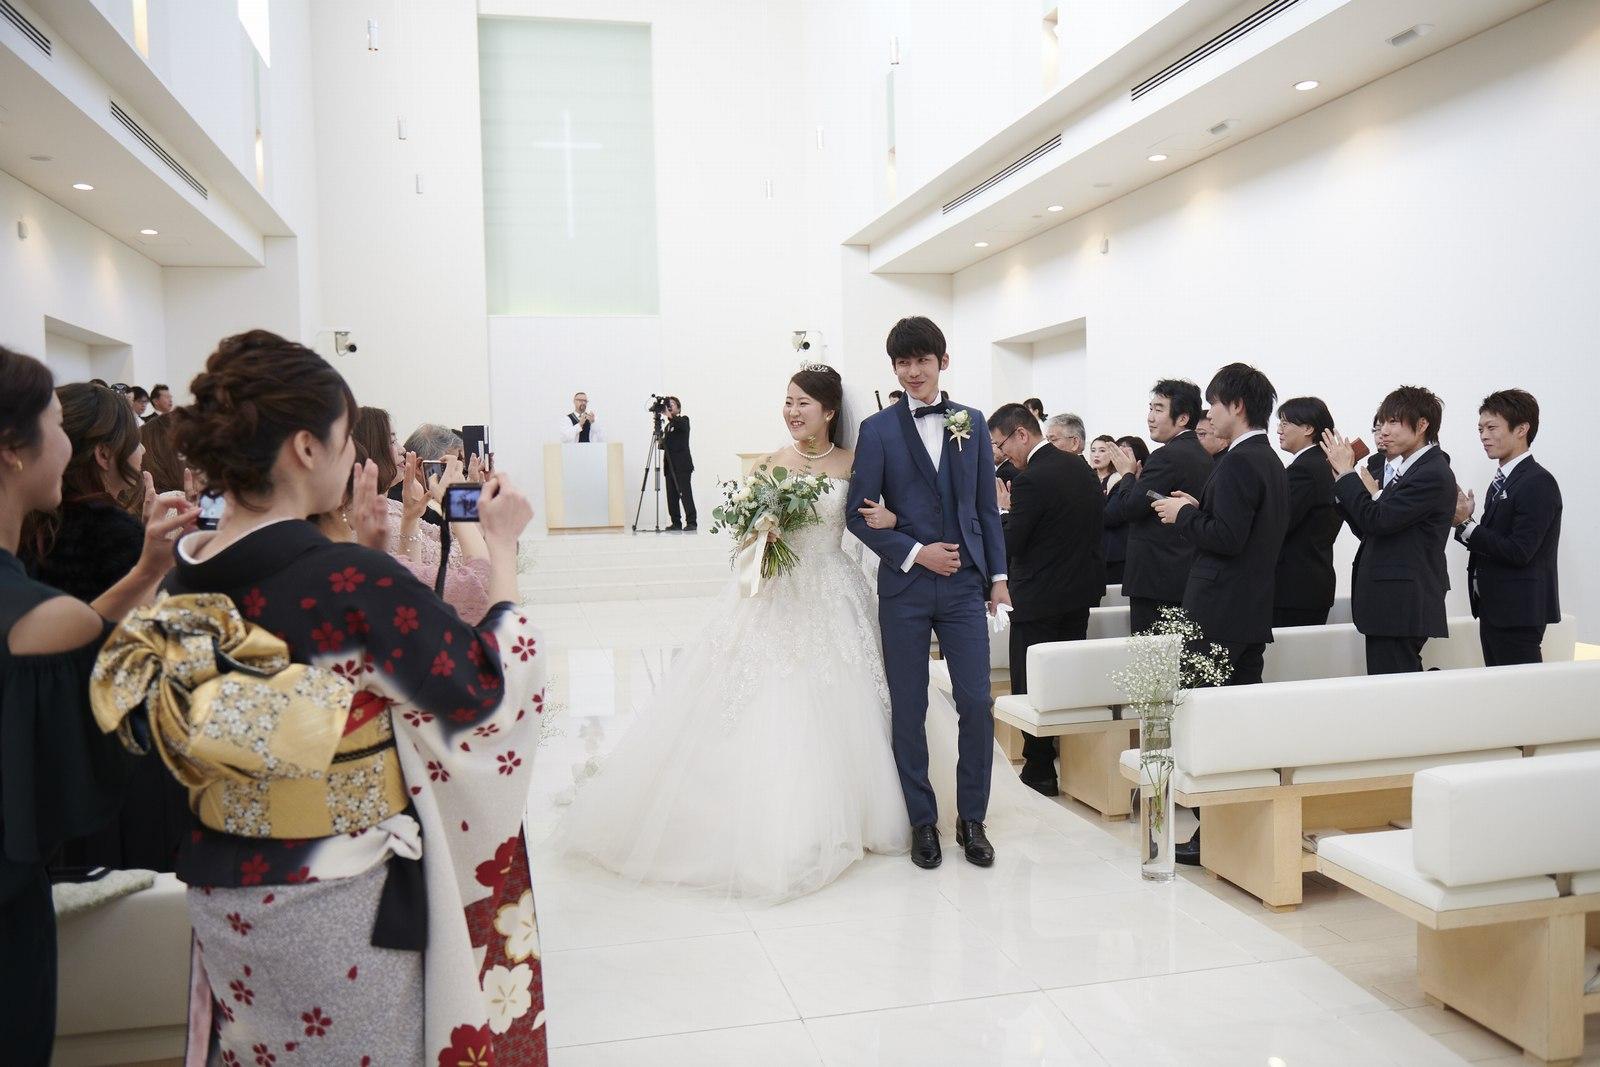 徳島県の結婚式場ブランアンジュのチャペルで新郎新婦の退場